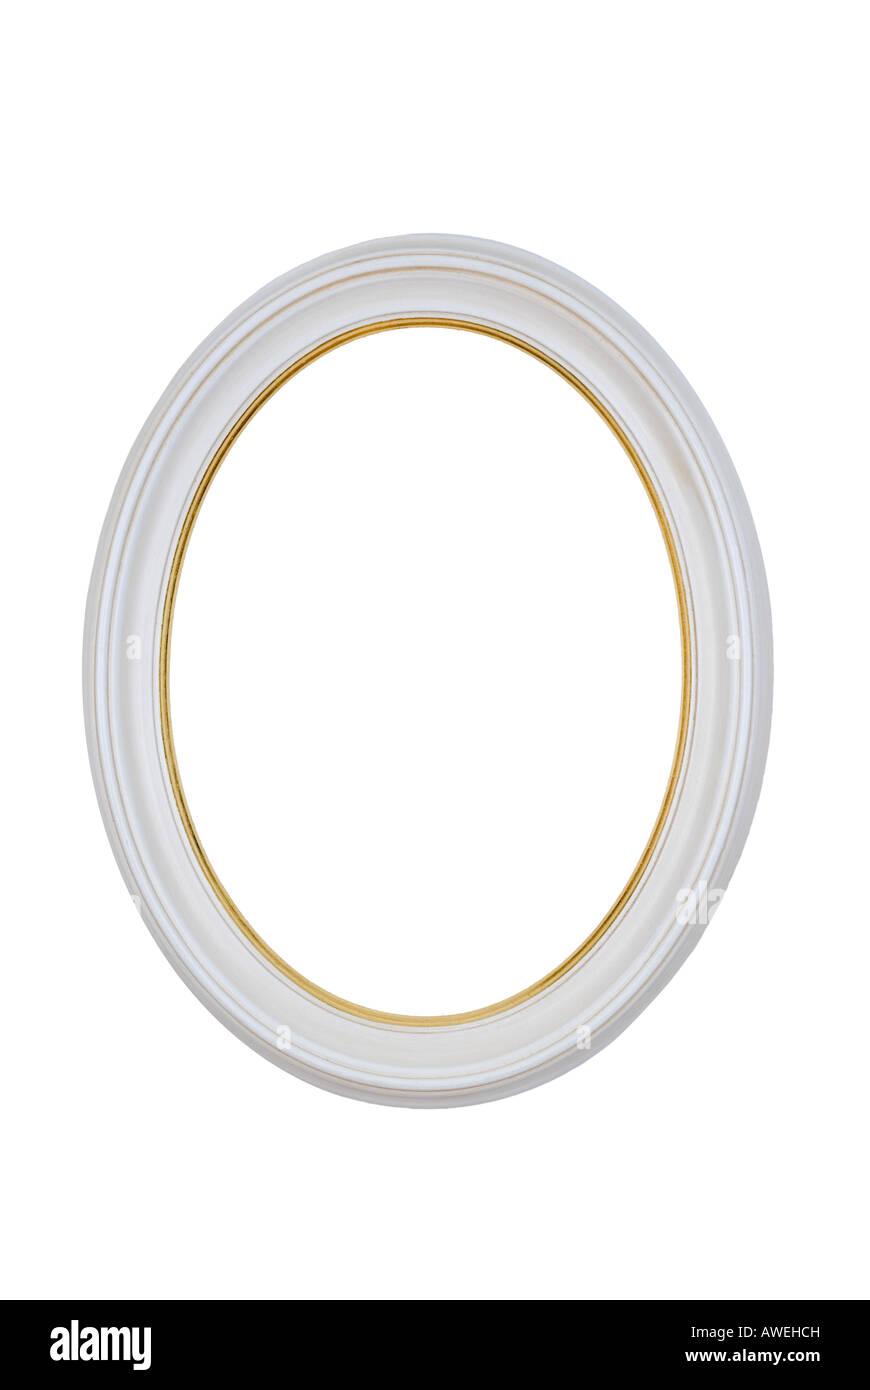 Bild Rahmen Oval Runde weiß, isoliert auf weiß Stockfoto, Bild ...